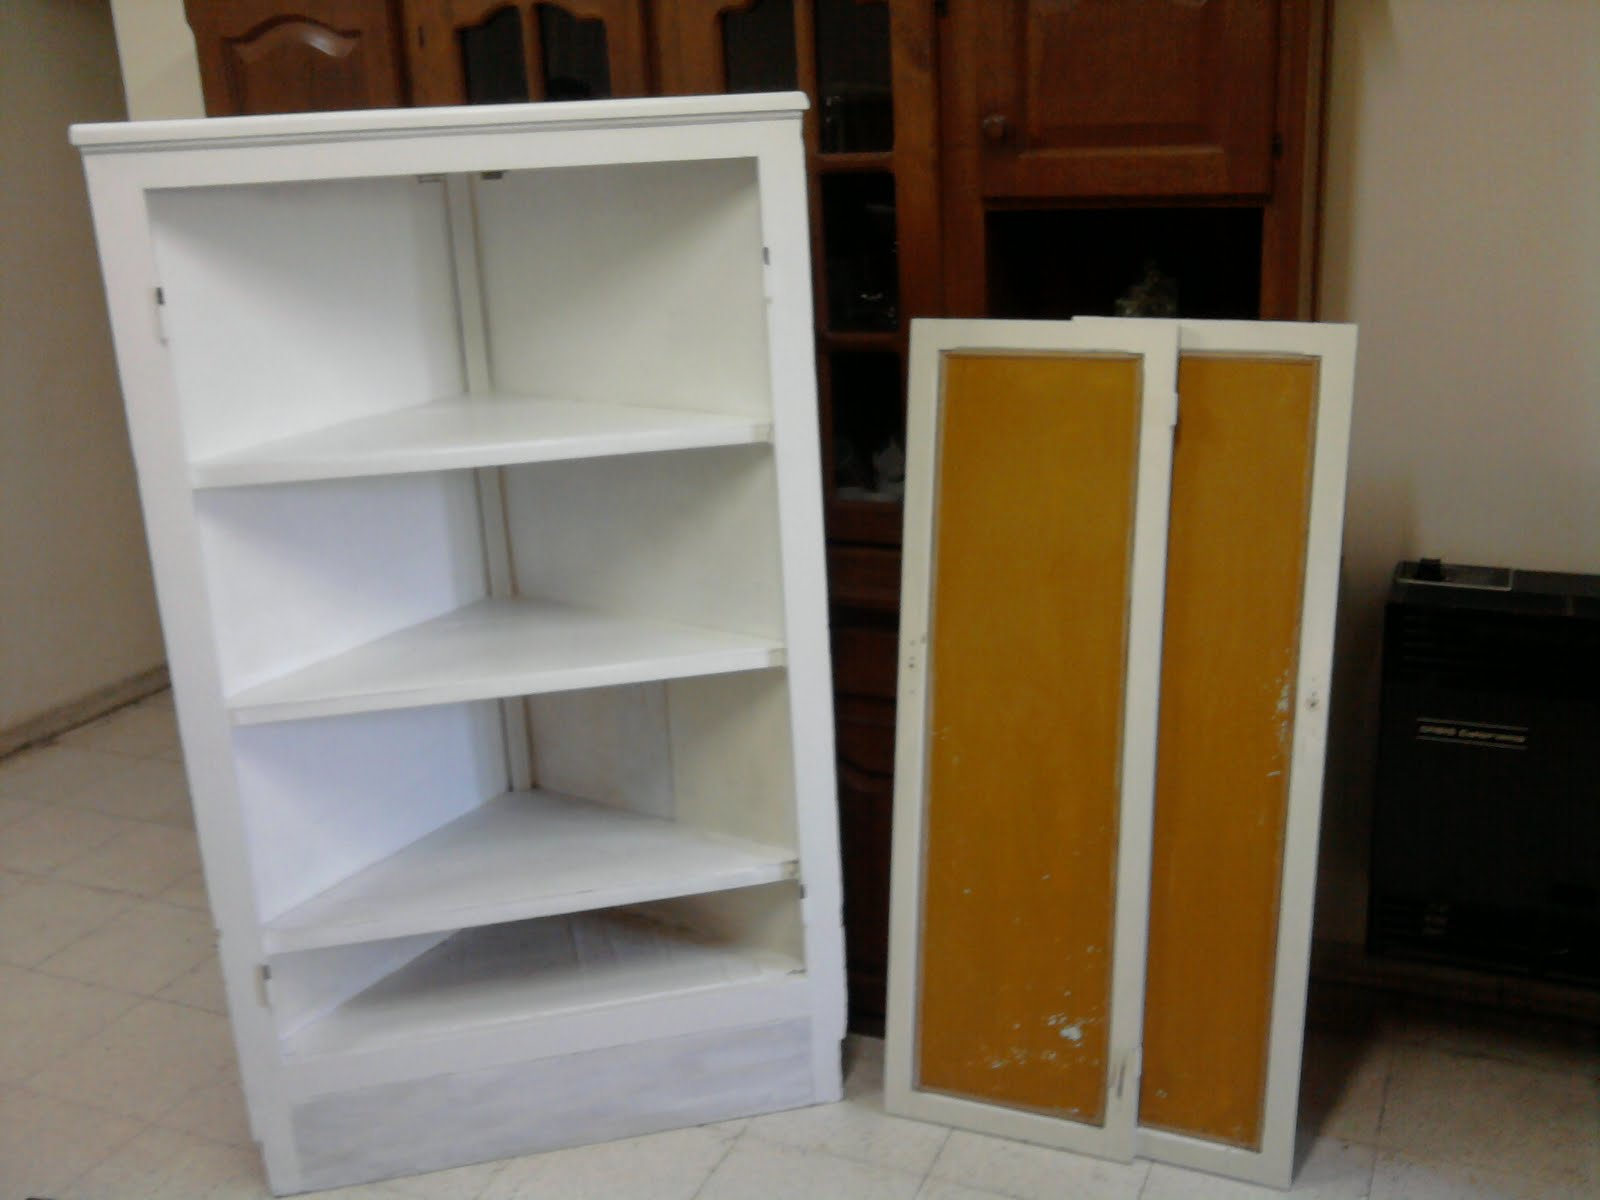 aqui esta el esquinero antes pintado blanco y naranja tenia las patas a la vista y me pidieron que agregara una madera hasta el piso para combinar con el